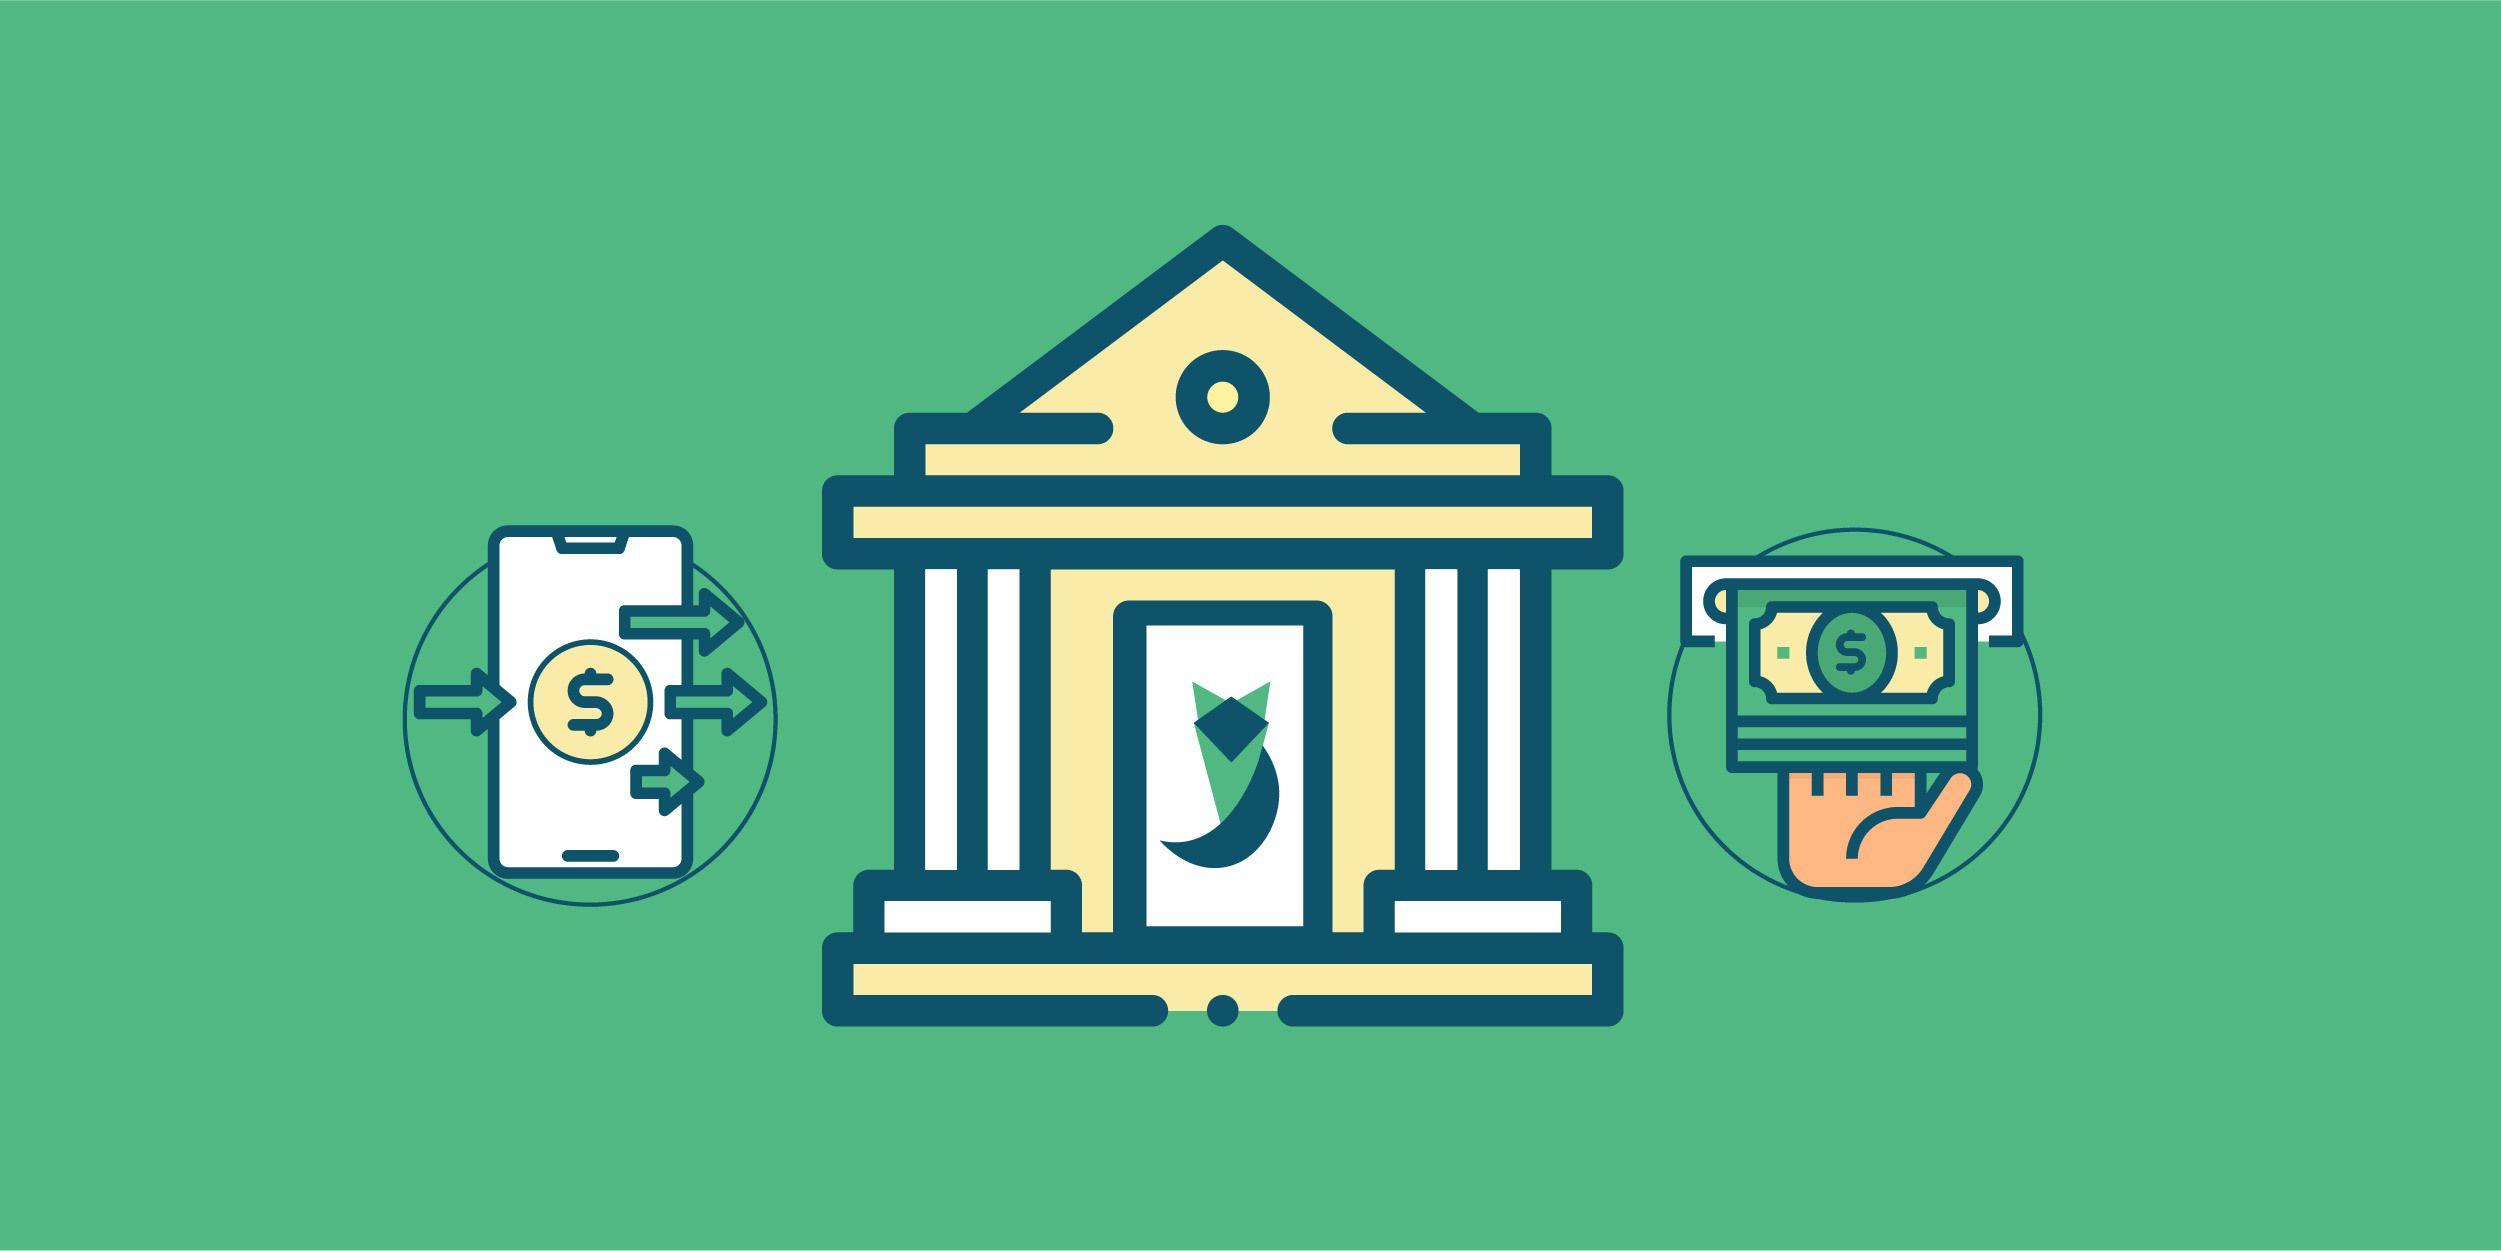 البنك المركزي يرفع حدود السحب من محافظ الموبايلات